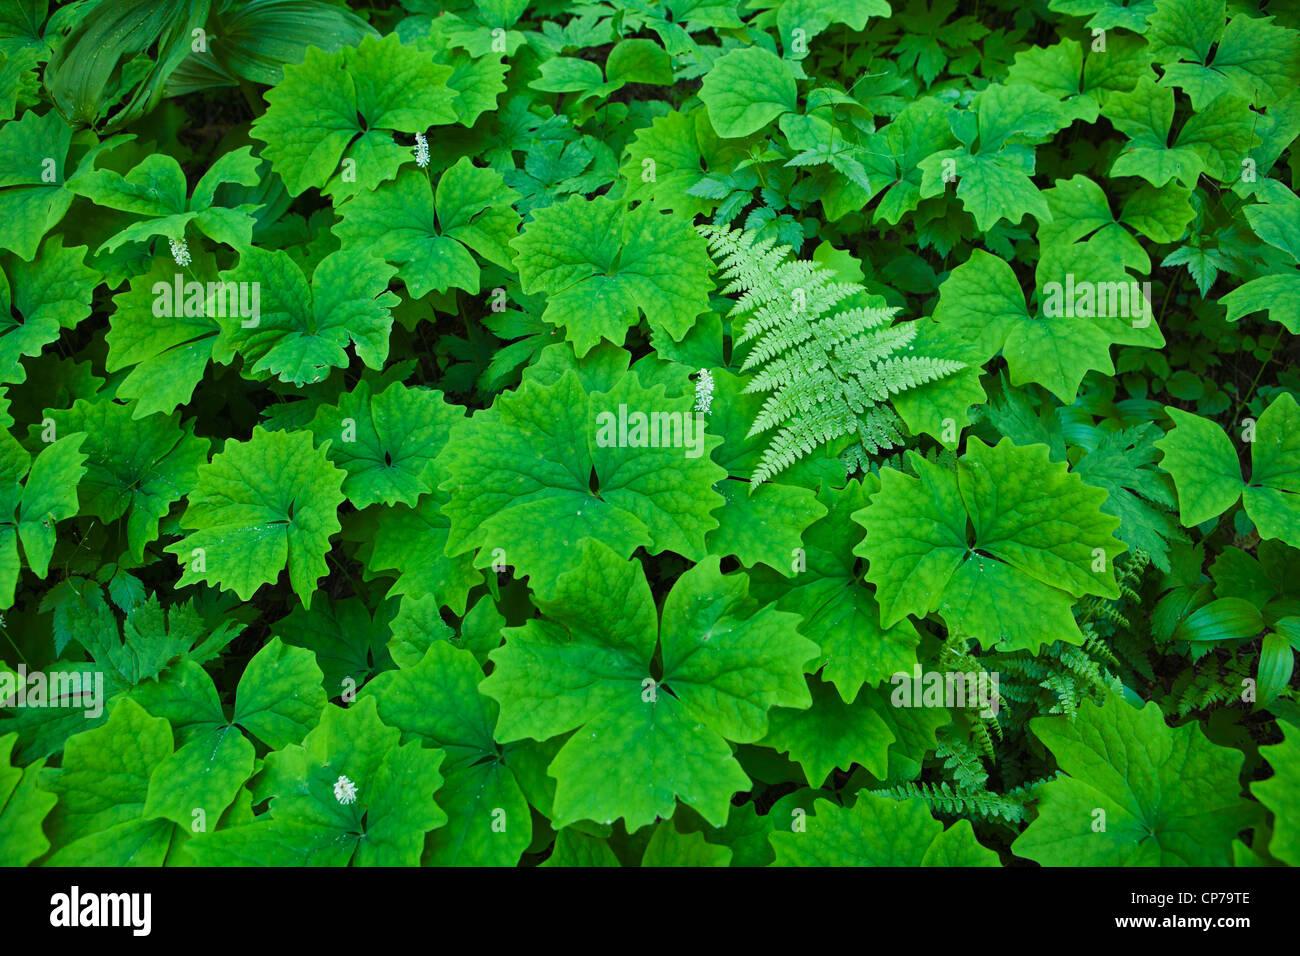 Faszinierend Grüne Pflanzen Galerie Von Grüne Auf Dem Waldboden, Mount-rainier-nationalpark, Washington, Usa.